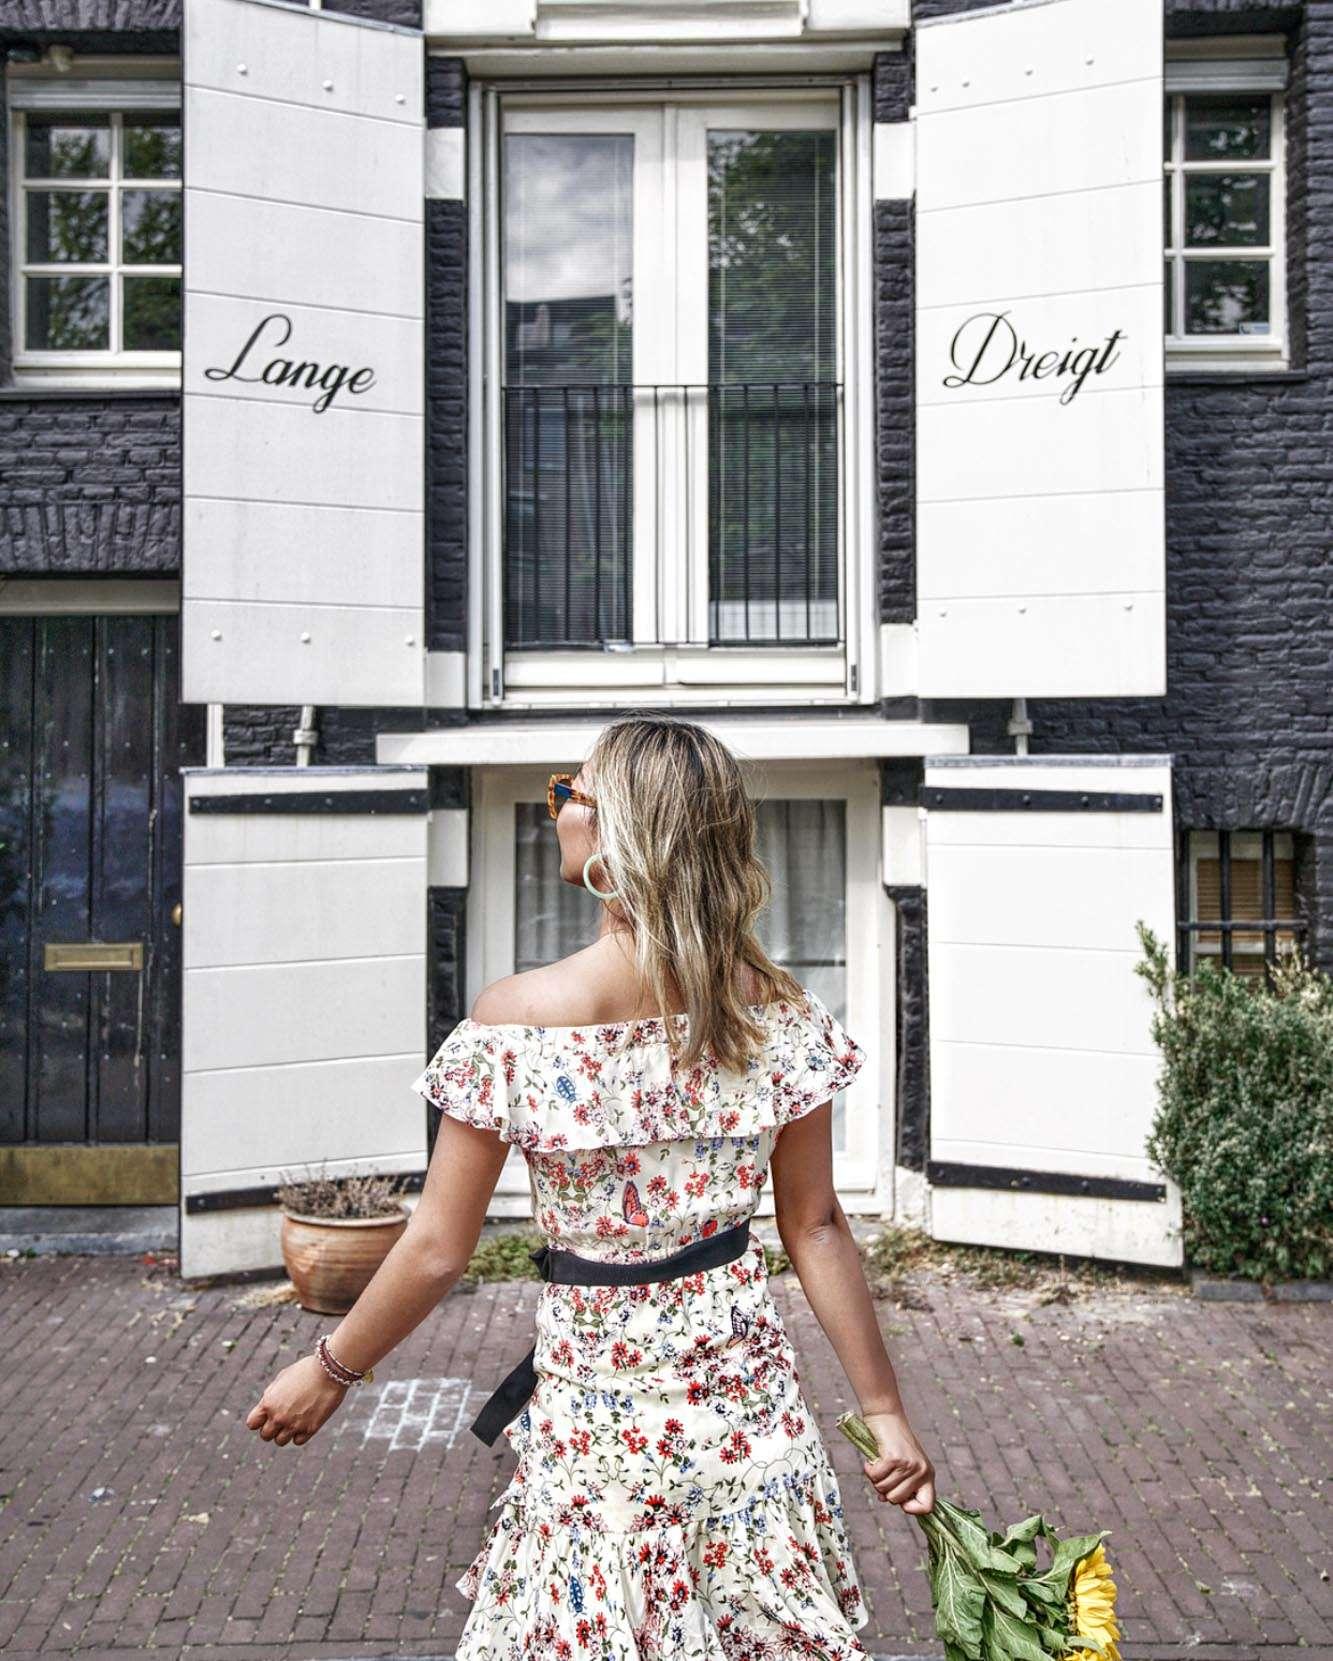 Amsterdam, U by Uniworld